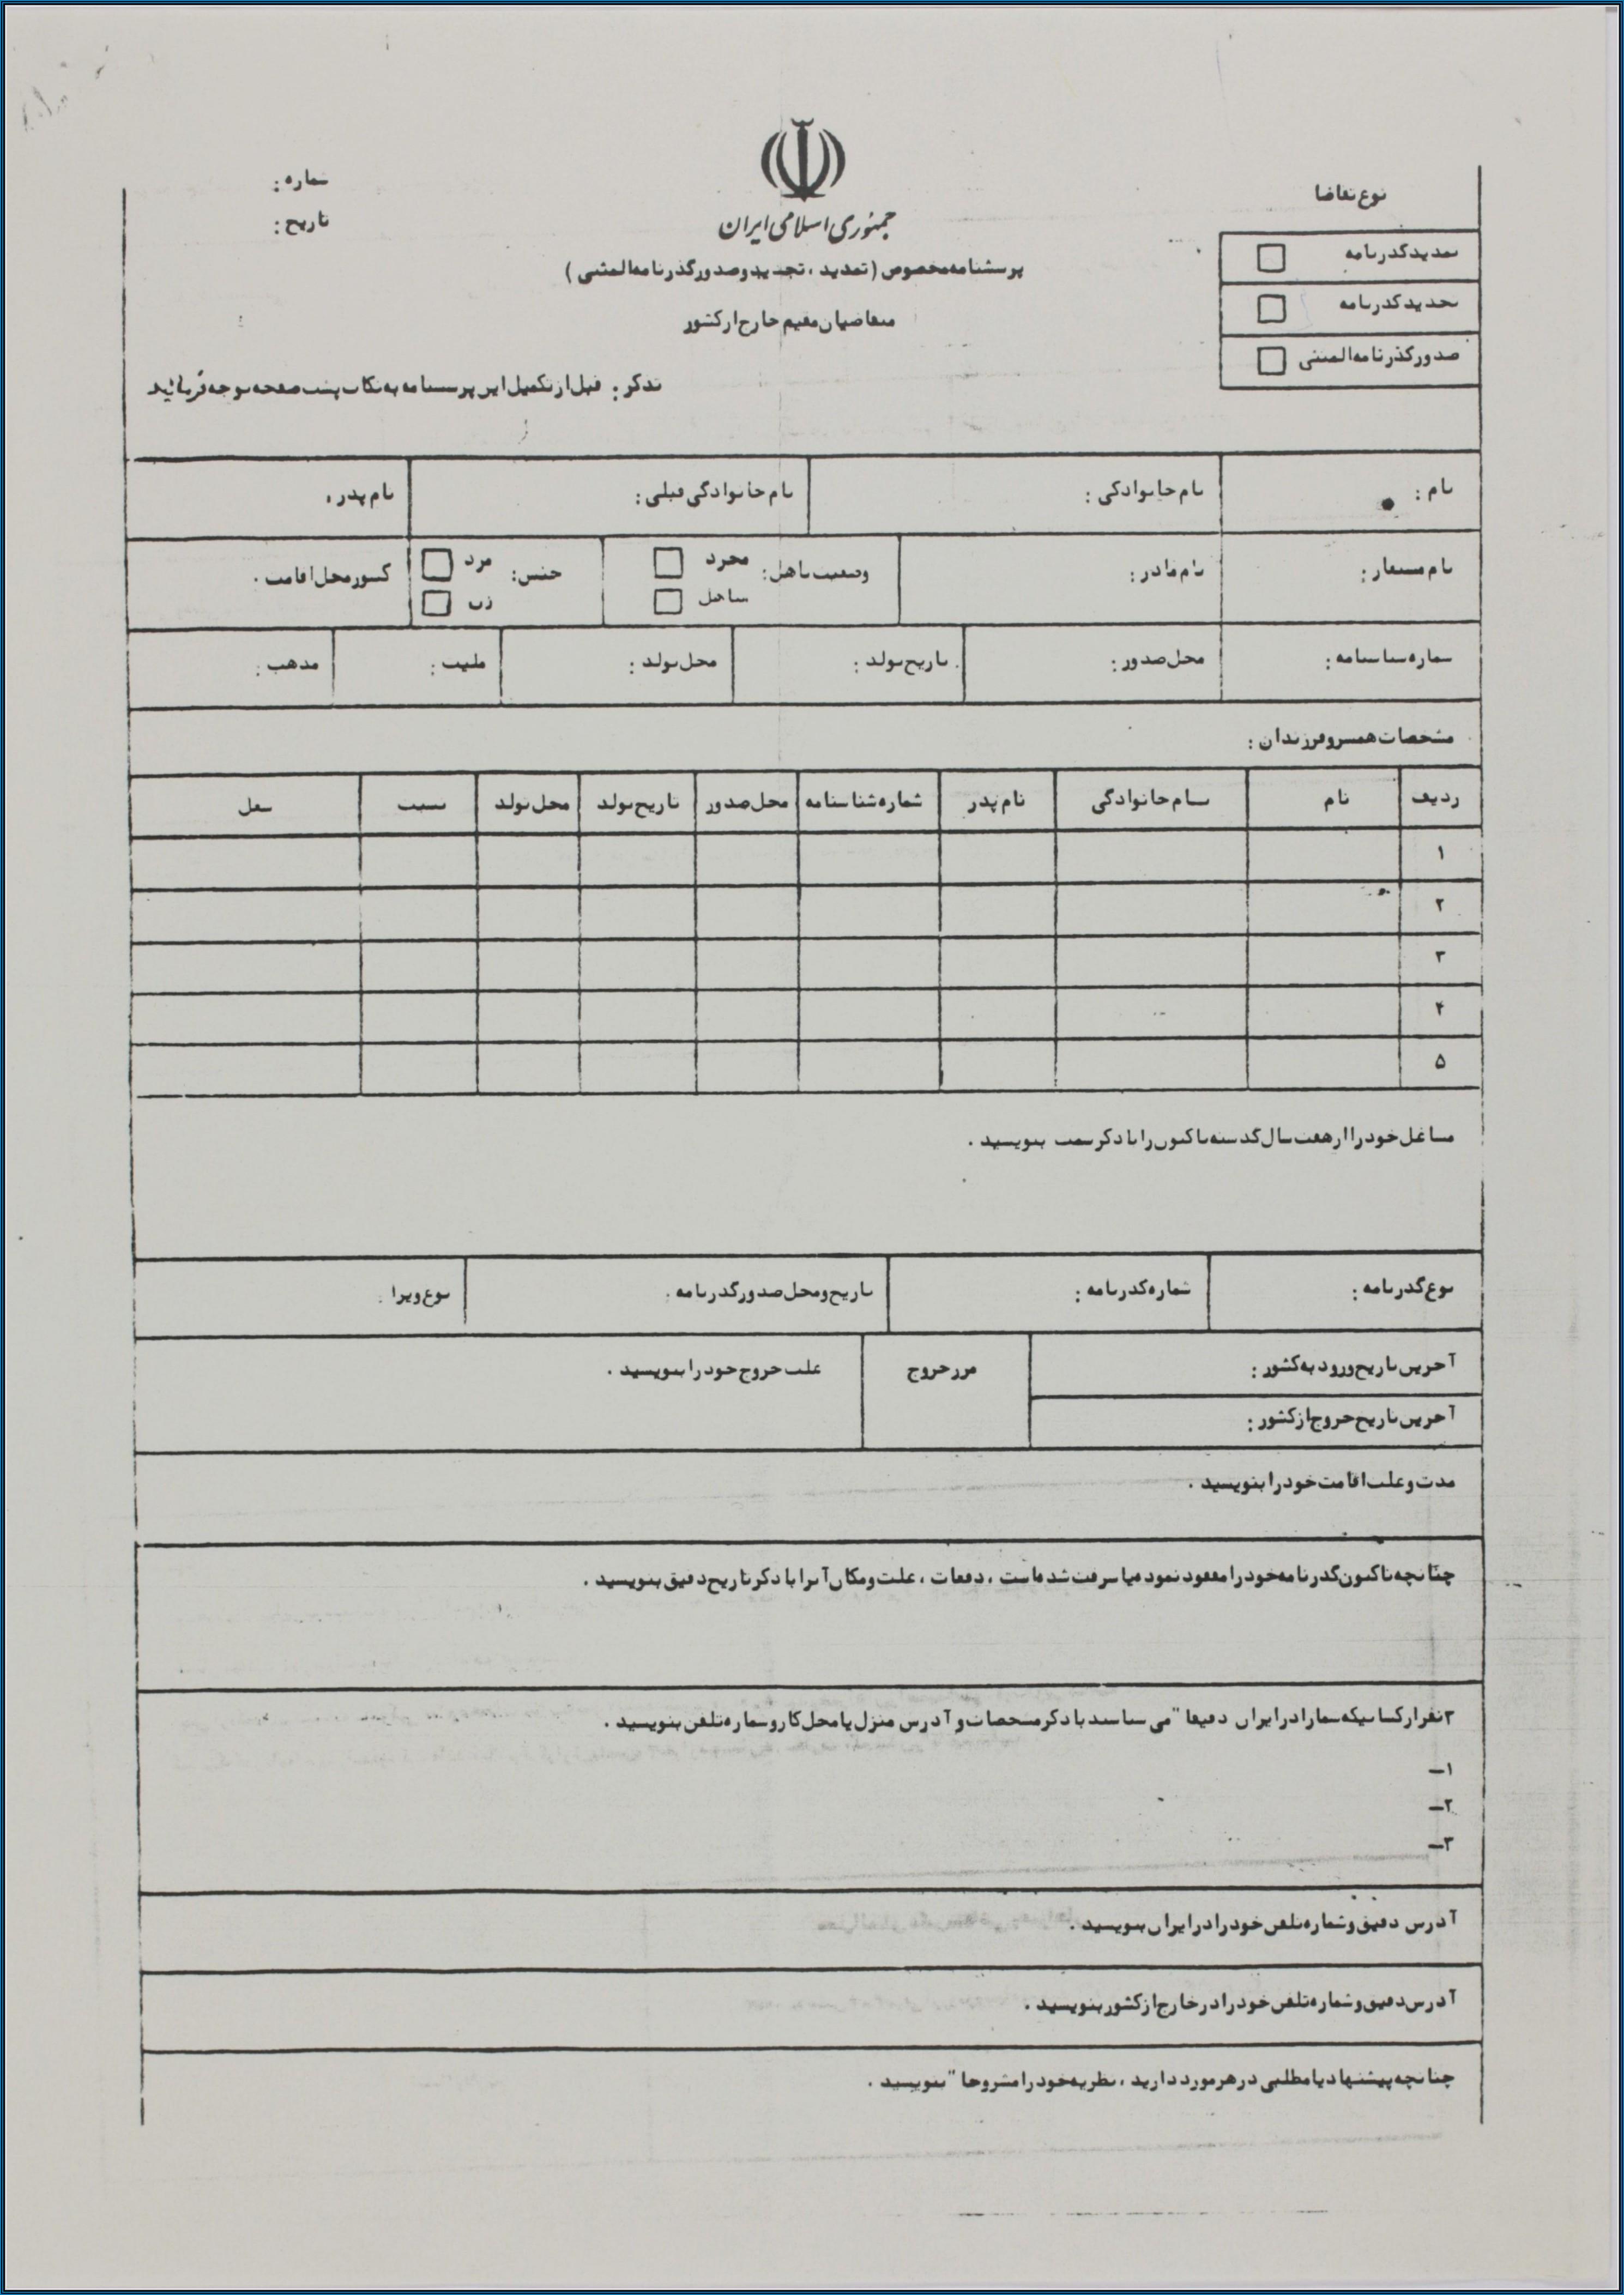 Indian Passport Renewal Form In Dubai Pdf